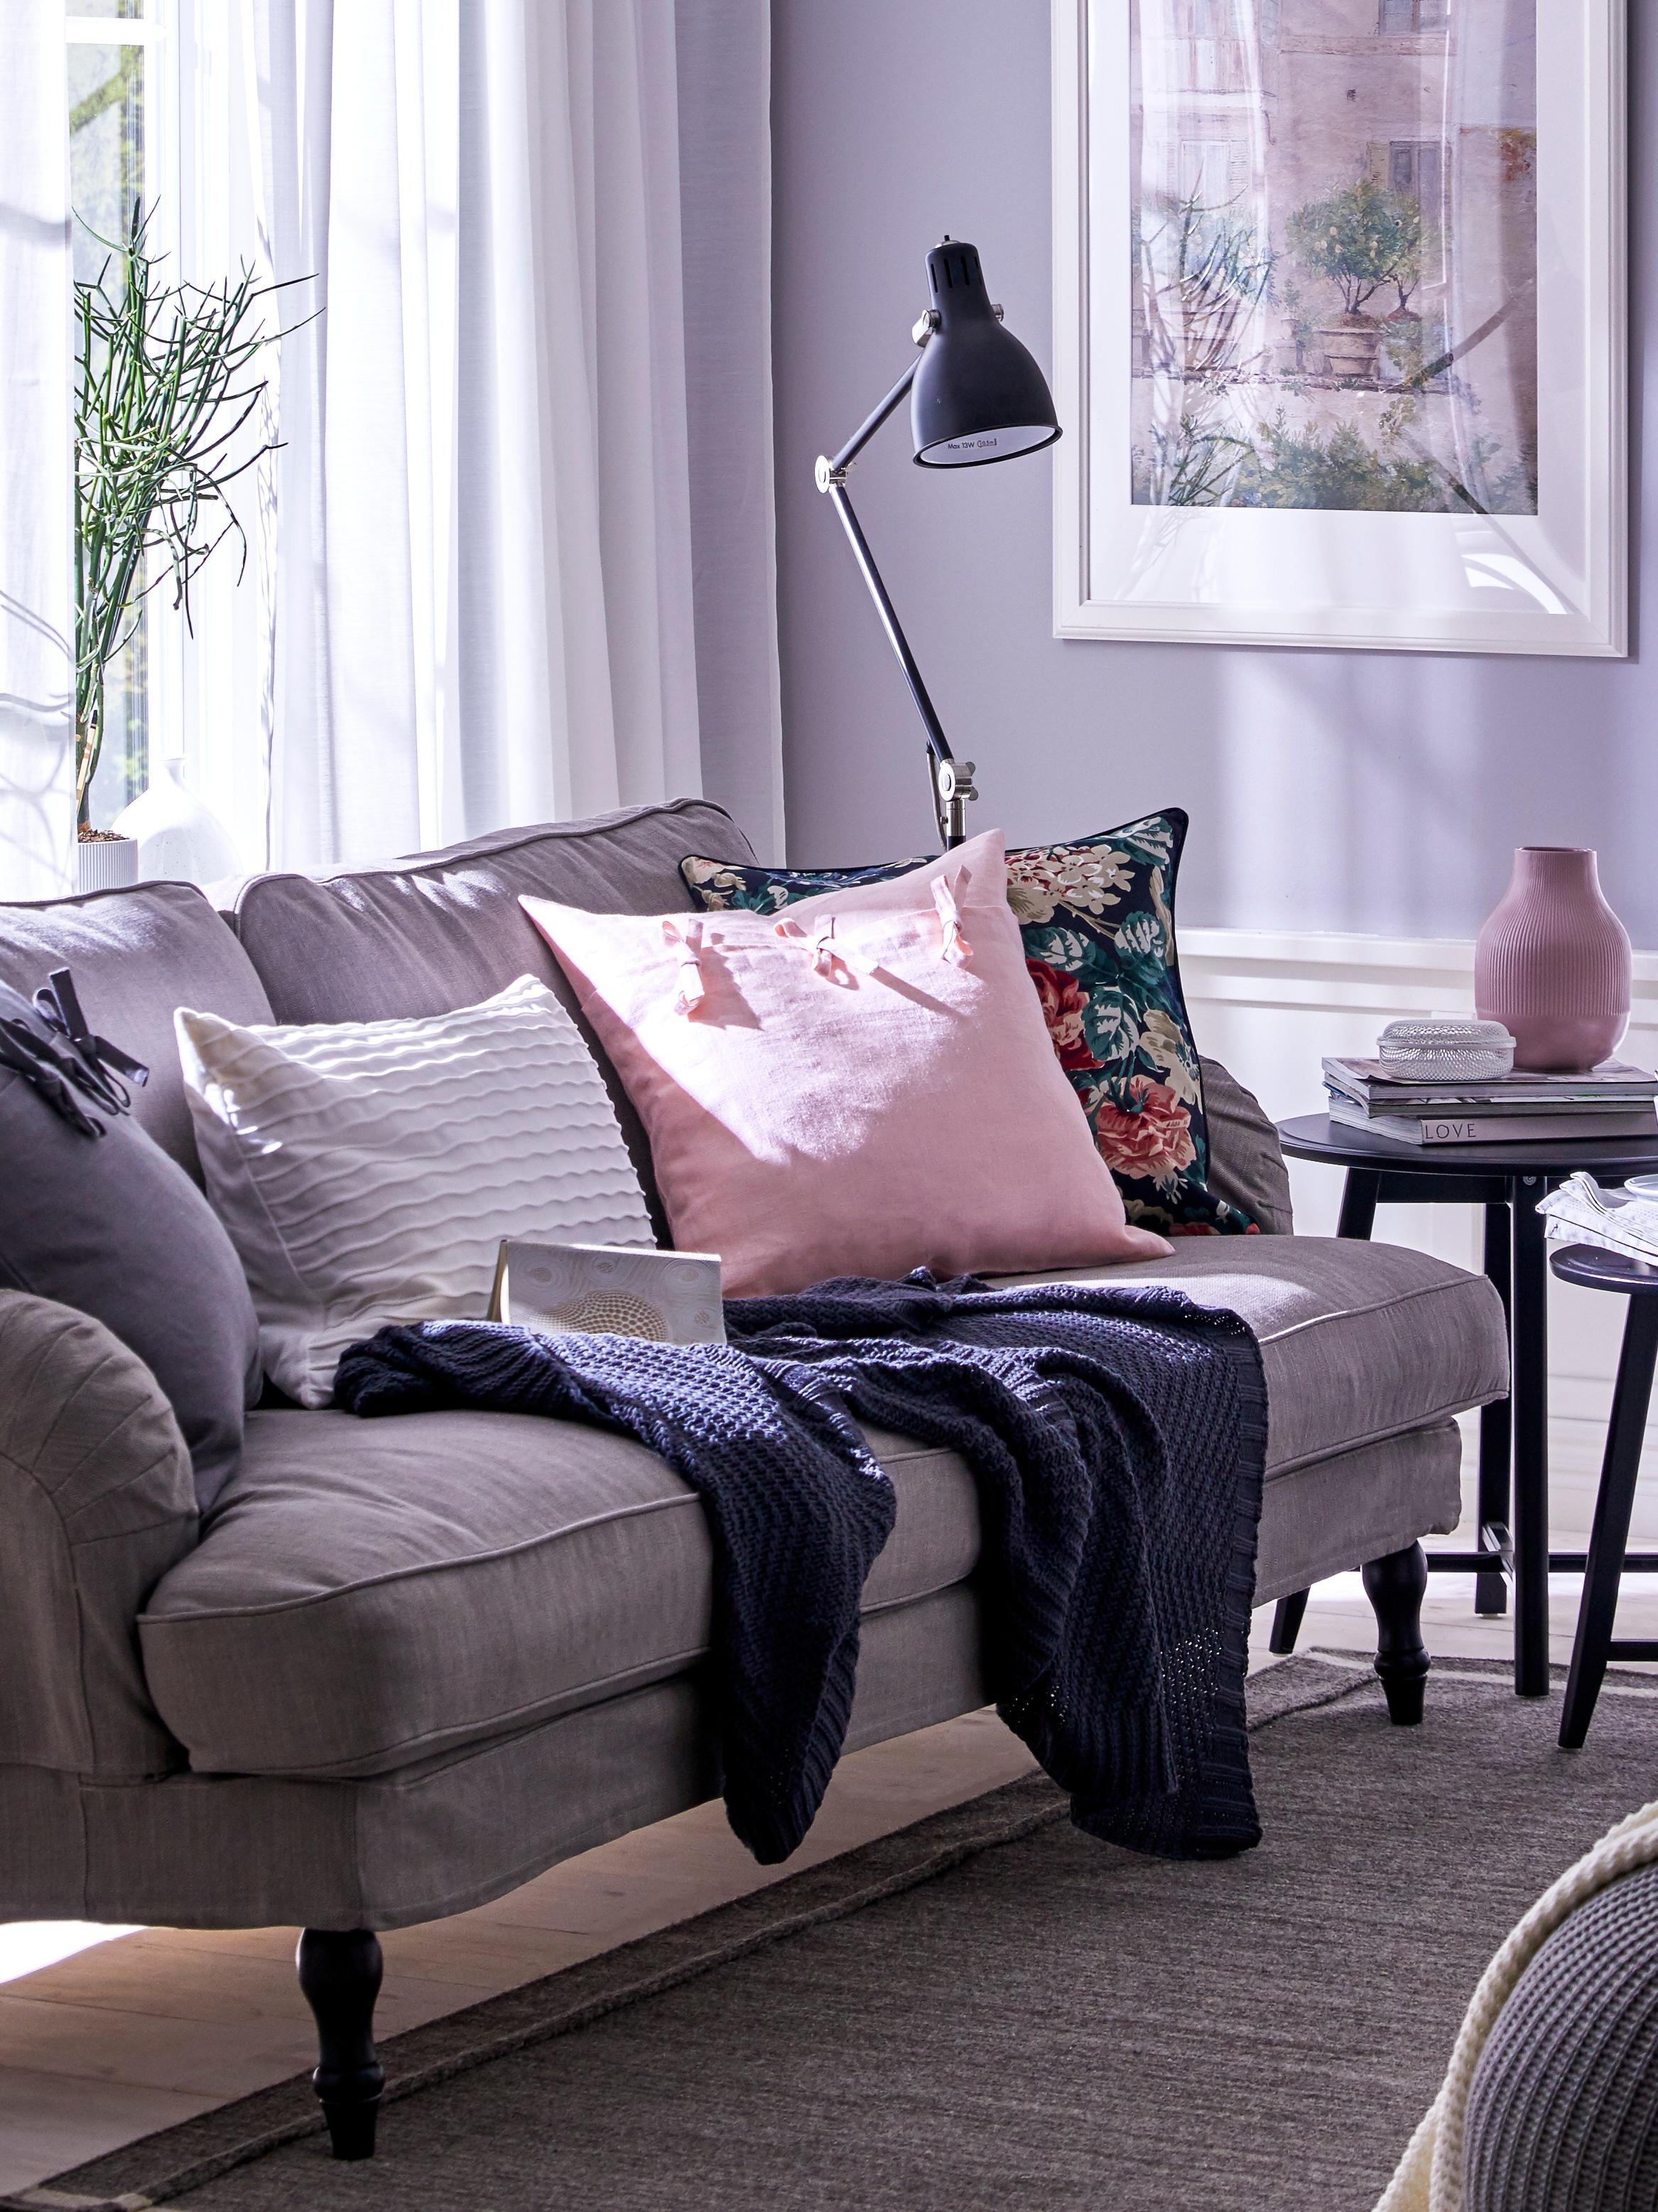 Siva STOCKSUND sofa u dnevnoj sobi s lila zidovima, na njoj su ukrasni jastuci s AINA i LEIKNY navlakama te tamnosiva JENNYANN lagana deka.